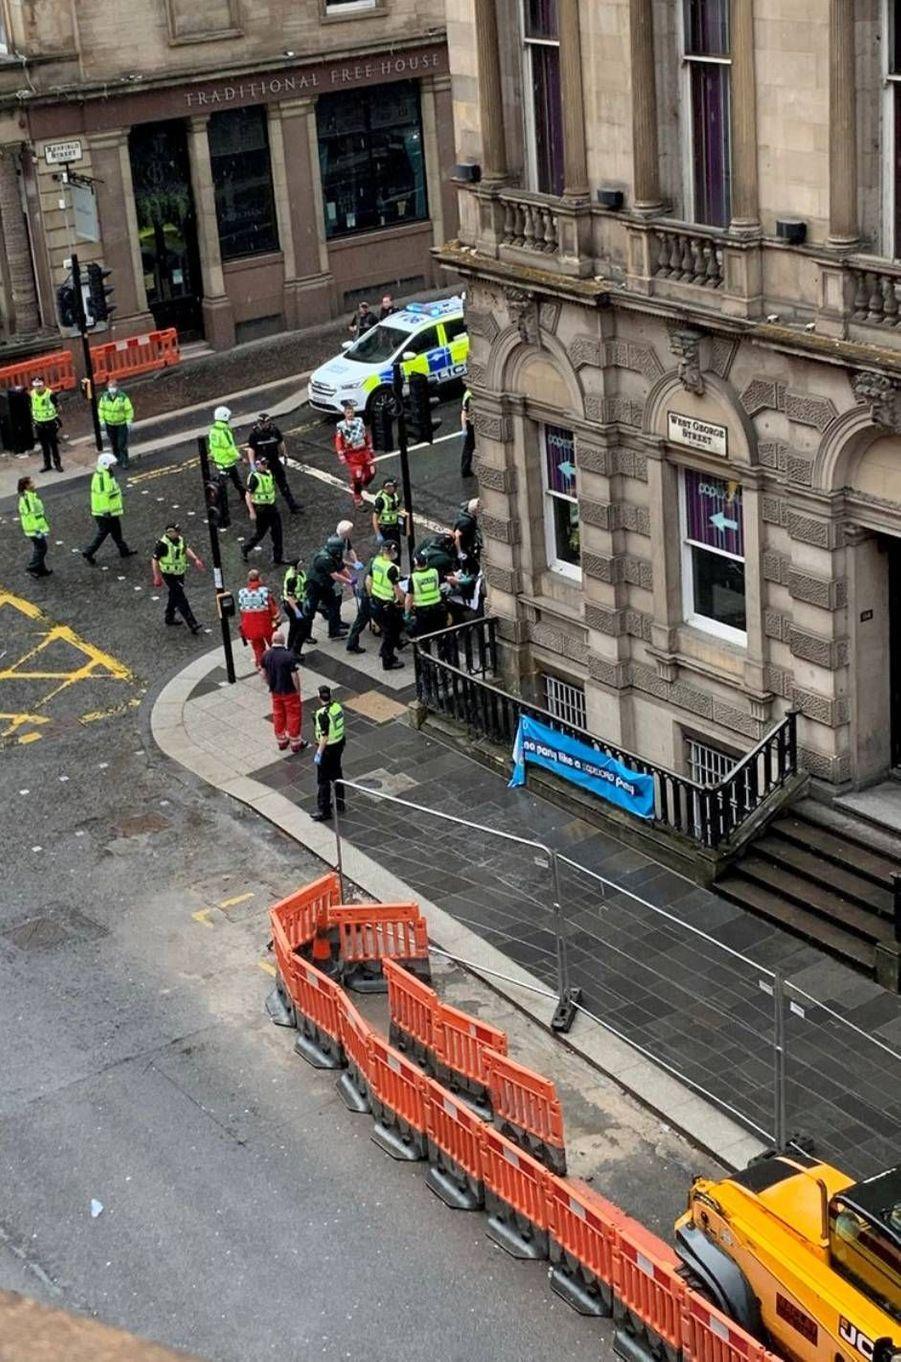 Opération de police à Glasgow, en Écosse, le 26 juin 2020.